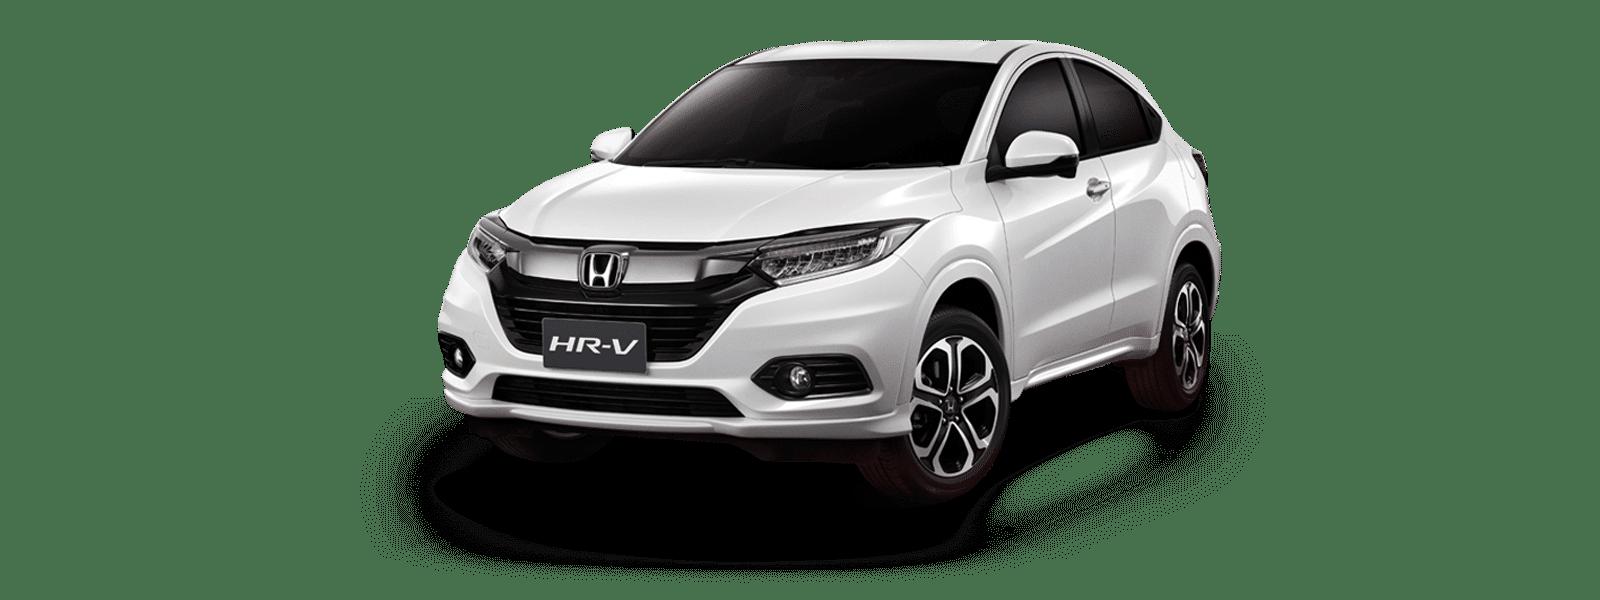 2. Honda HR-V 2021 รุ่น EL ราคา 1,059,000 บาท